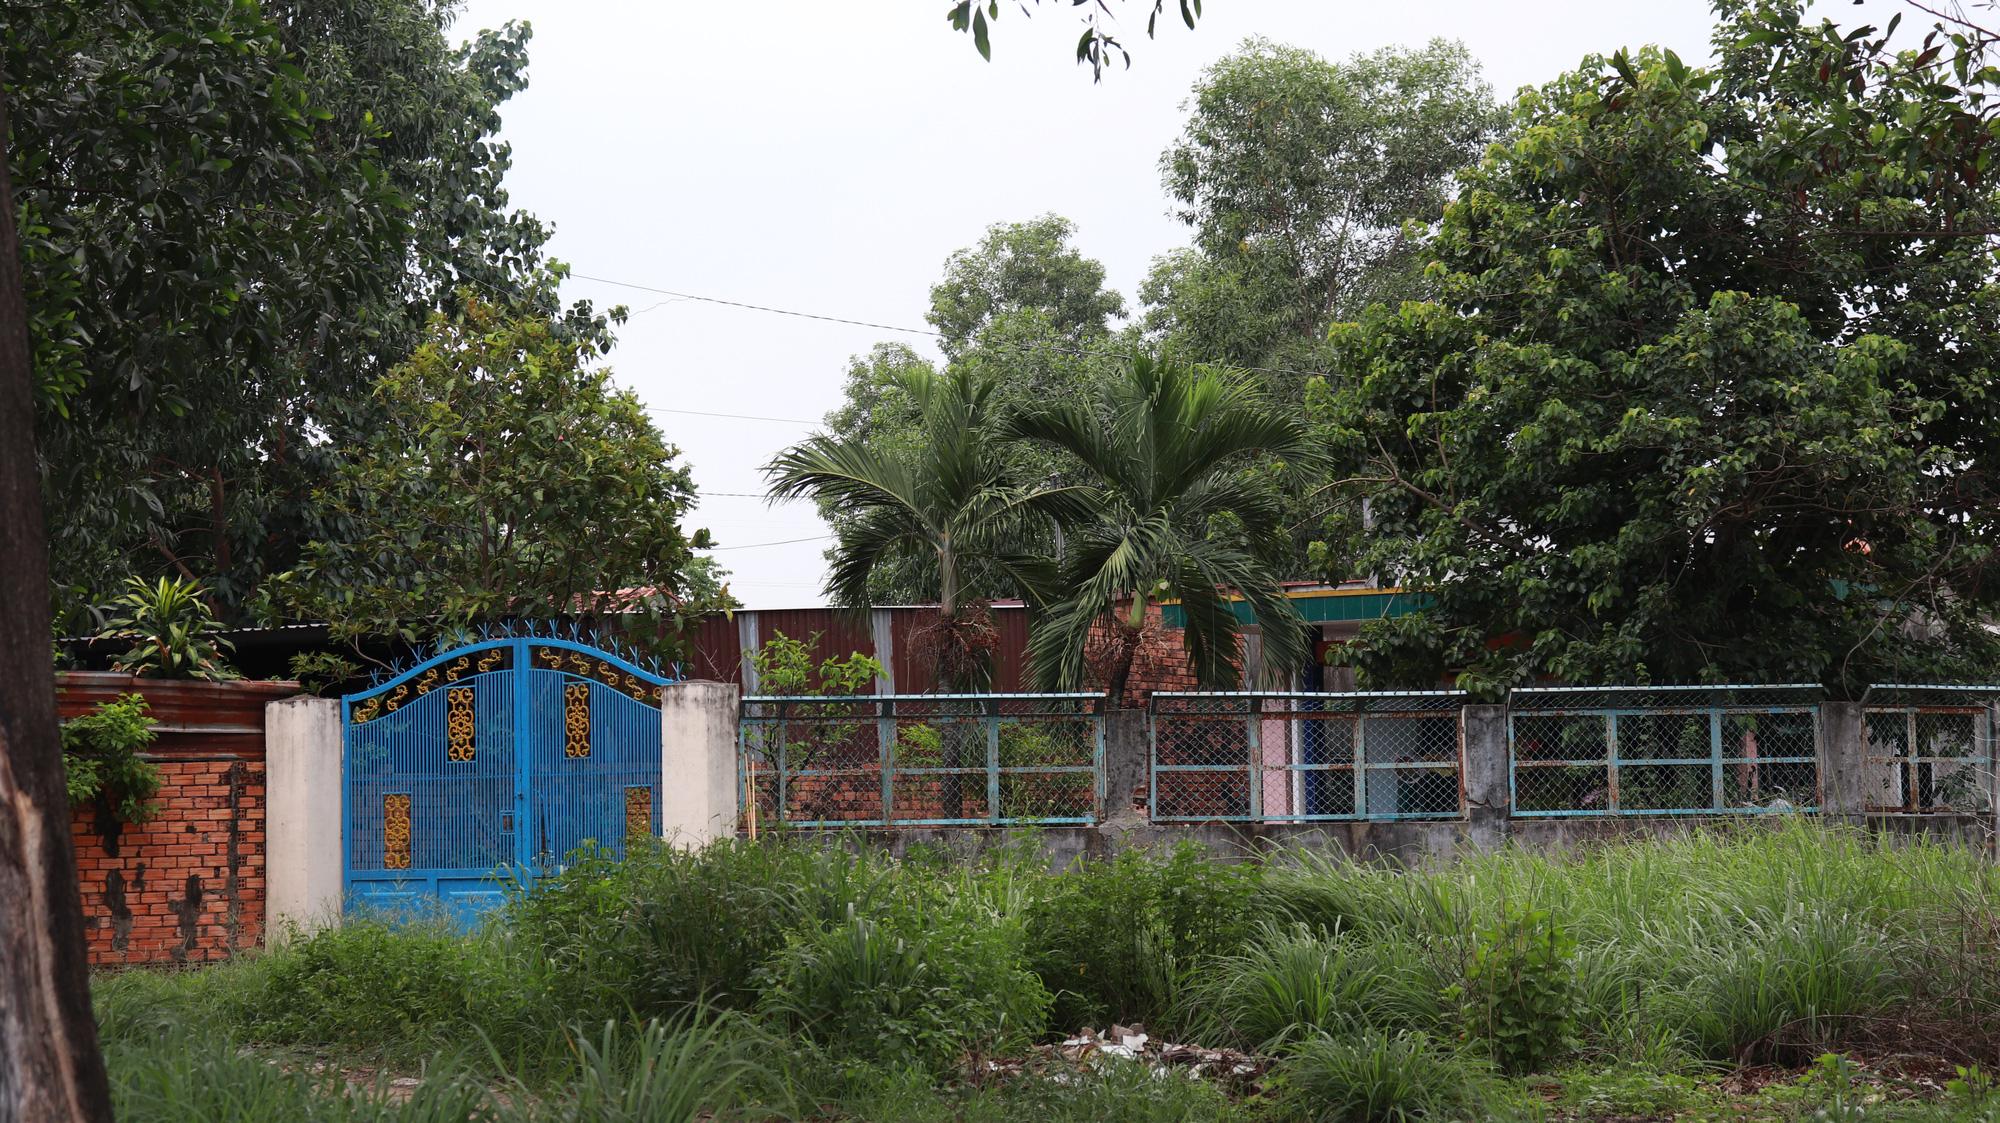 Ba khu đất dính quy hoạch tại phường Linh Xuân, TP Thủ Đức [phần 1] - Ảnh 4.